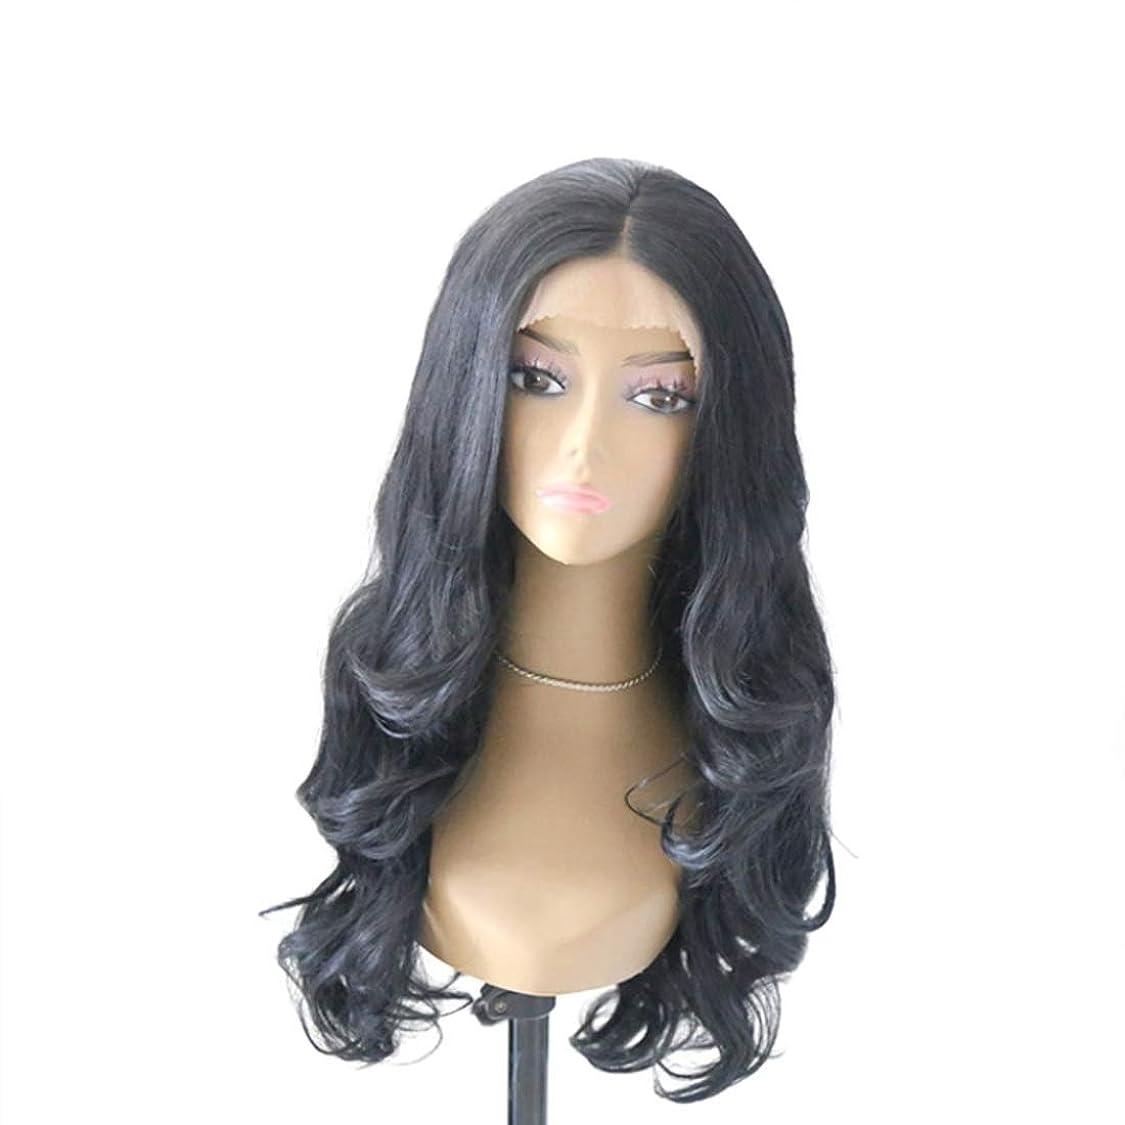 釈義パーティションフィッティングSummerys 黒かつら女性のための大きな波状の巻き毛のフロントレース化学繊維かつら